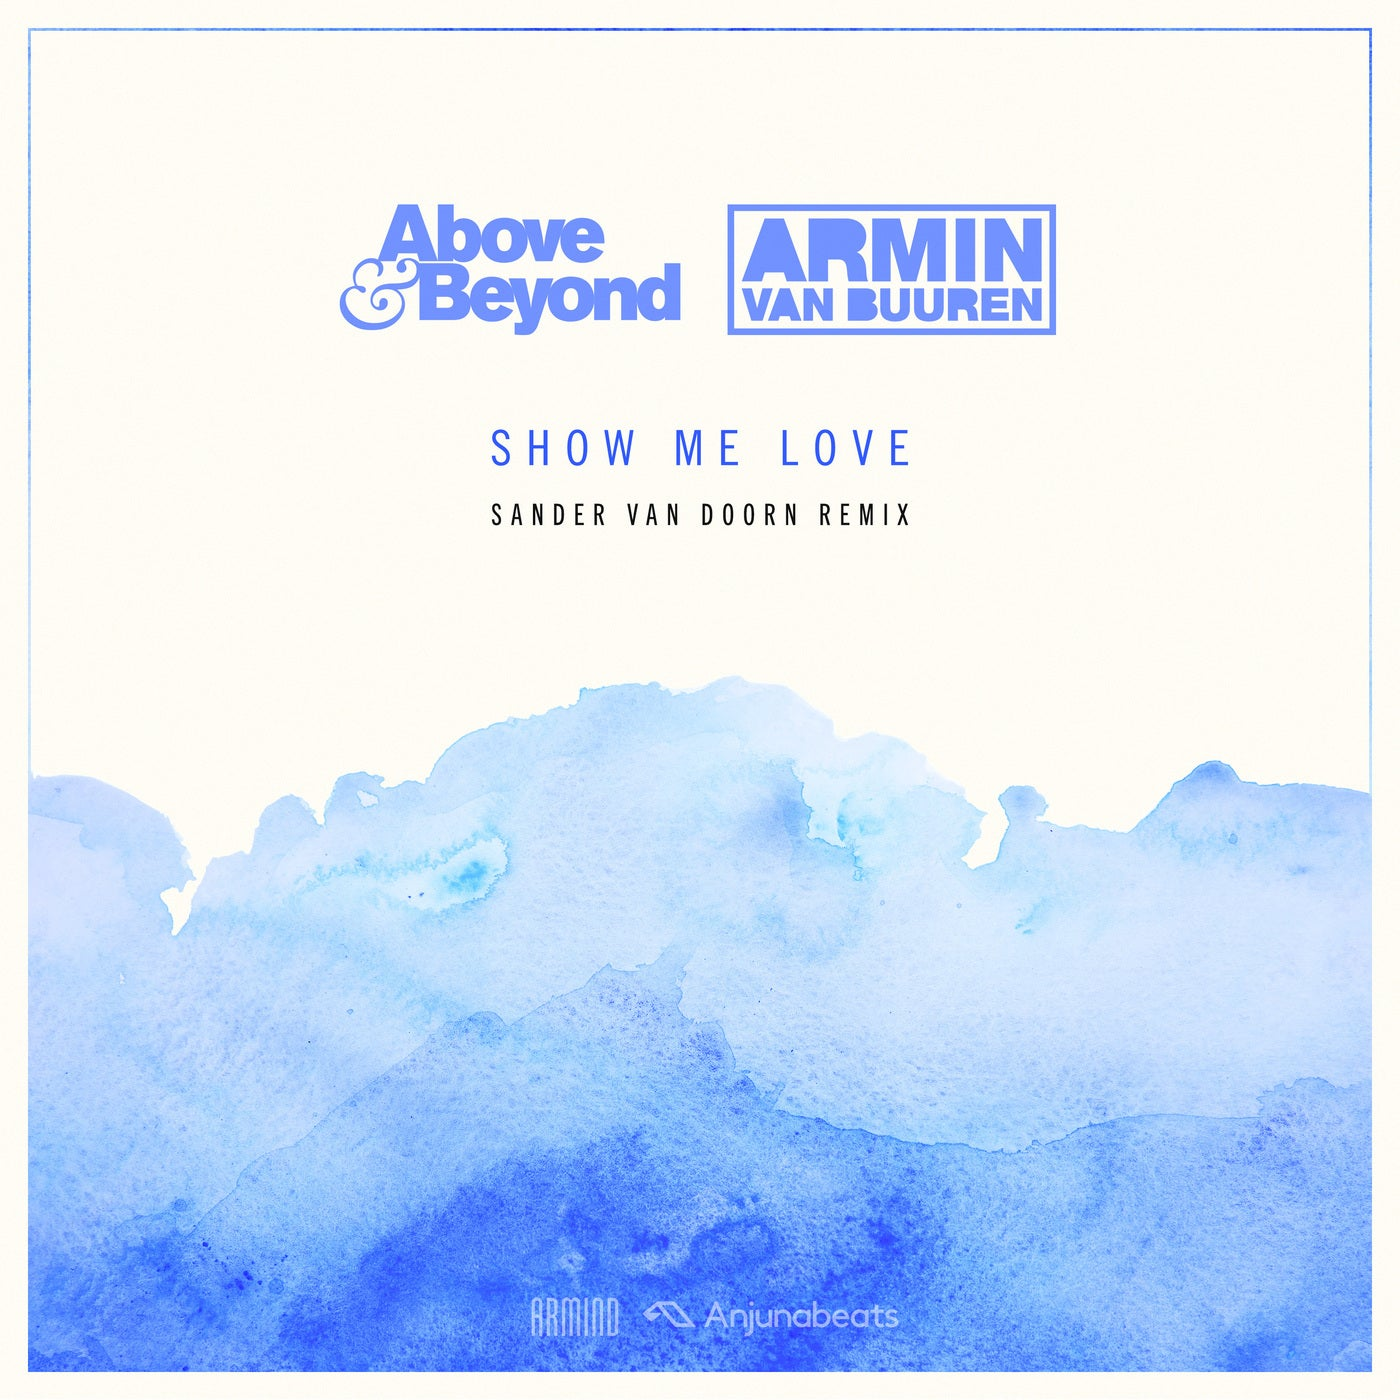 Show Me Love (Sander van Doorn Extended Remix)